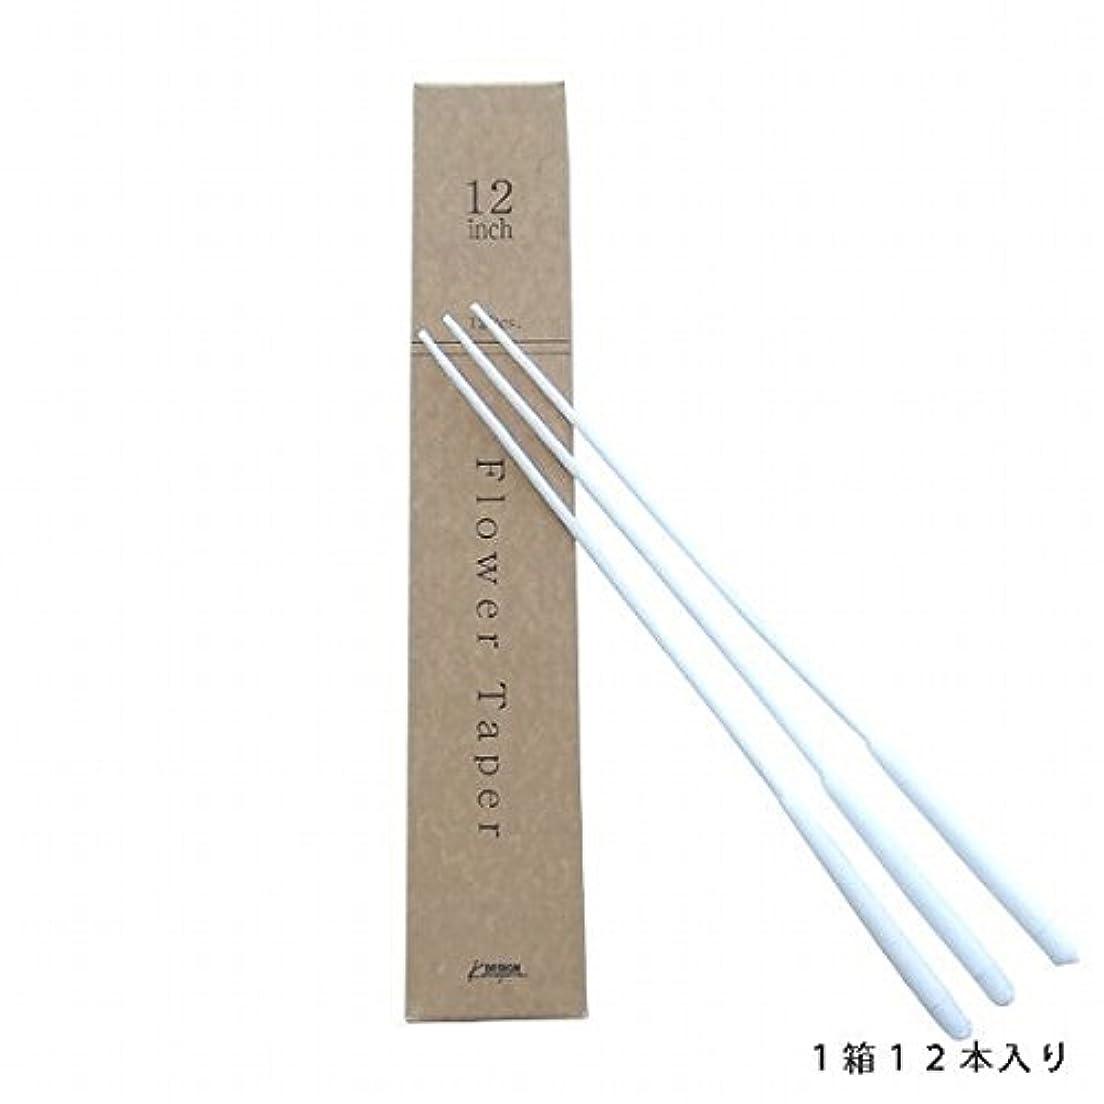 ブースタイトパークカメヤマキャンドル(kameyama candle) 12インチトーチ用フラワーテーパー12本入 「 ホワイト 」